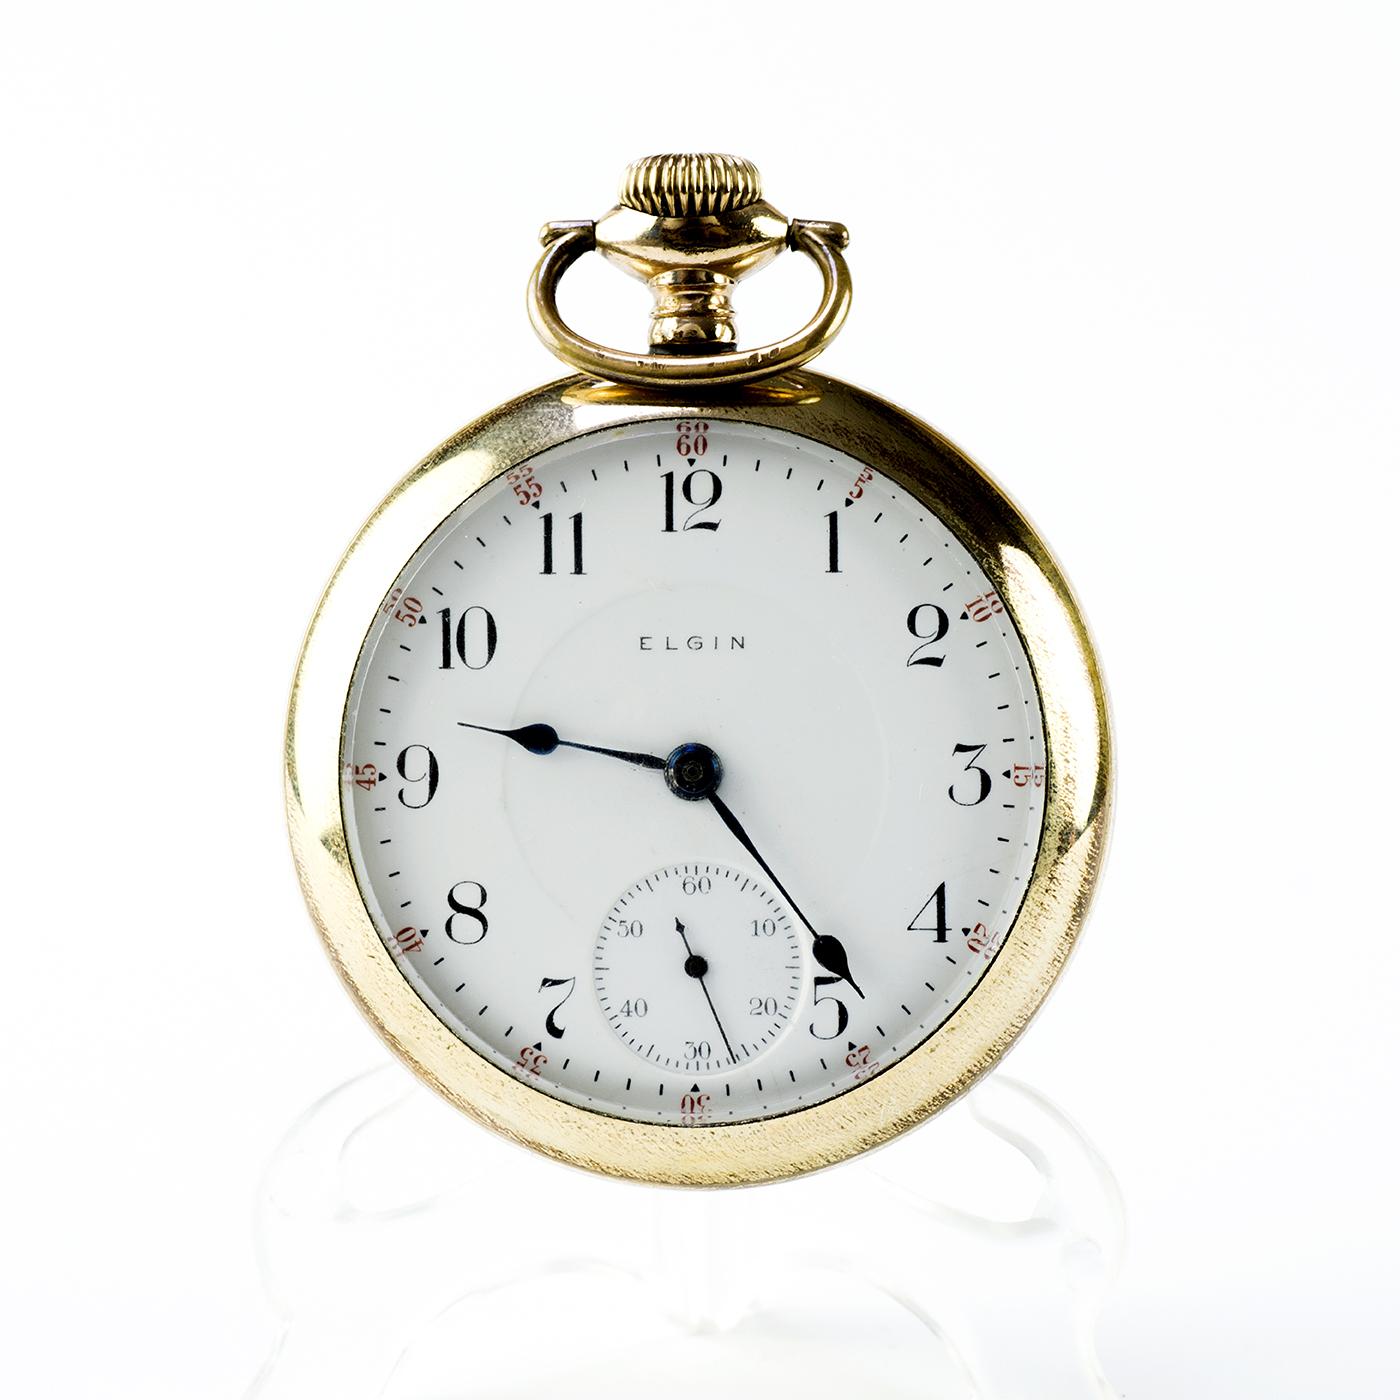 ELGIN ILL. (Overland, USA). Reloj de Bolsillo, Lepine y remontoir. USA, año 1905.